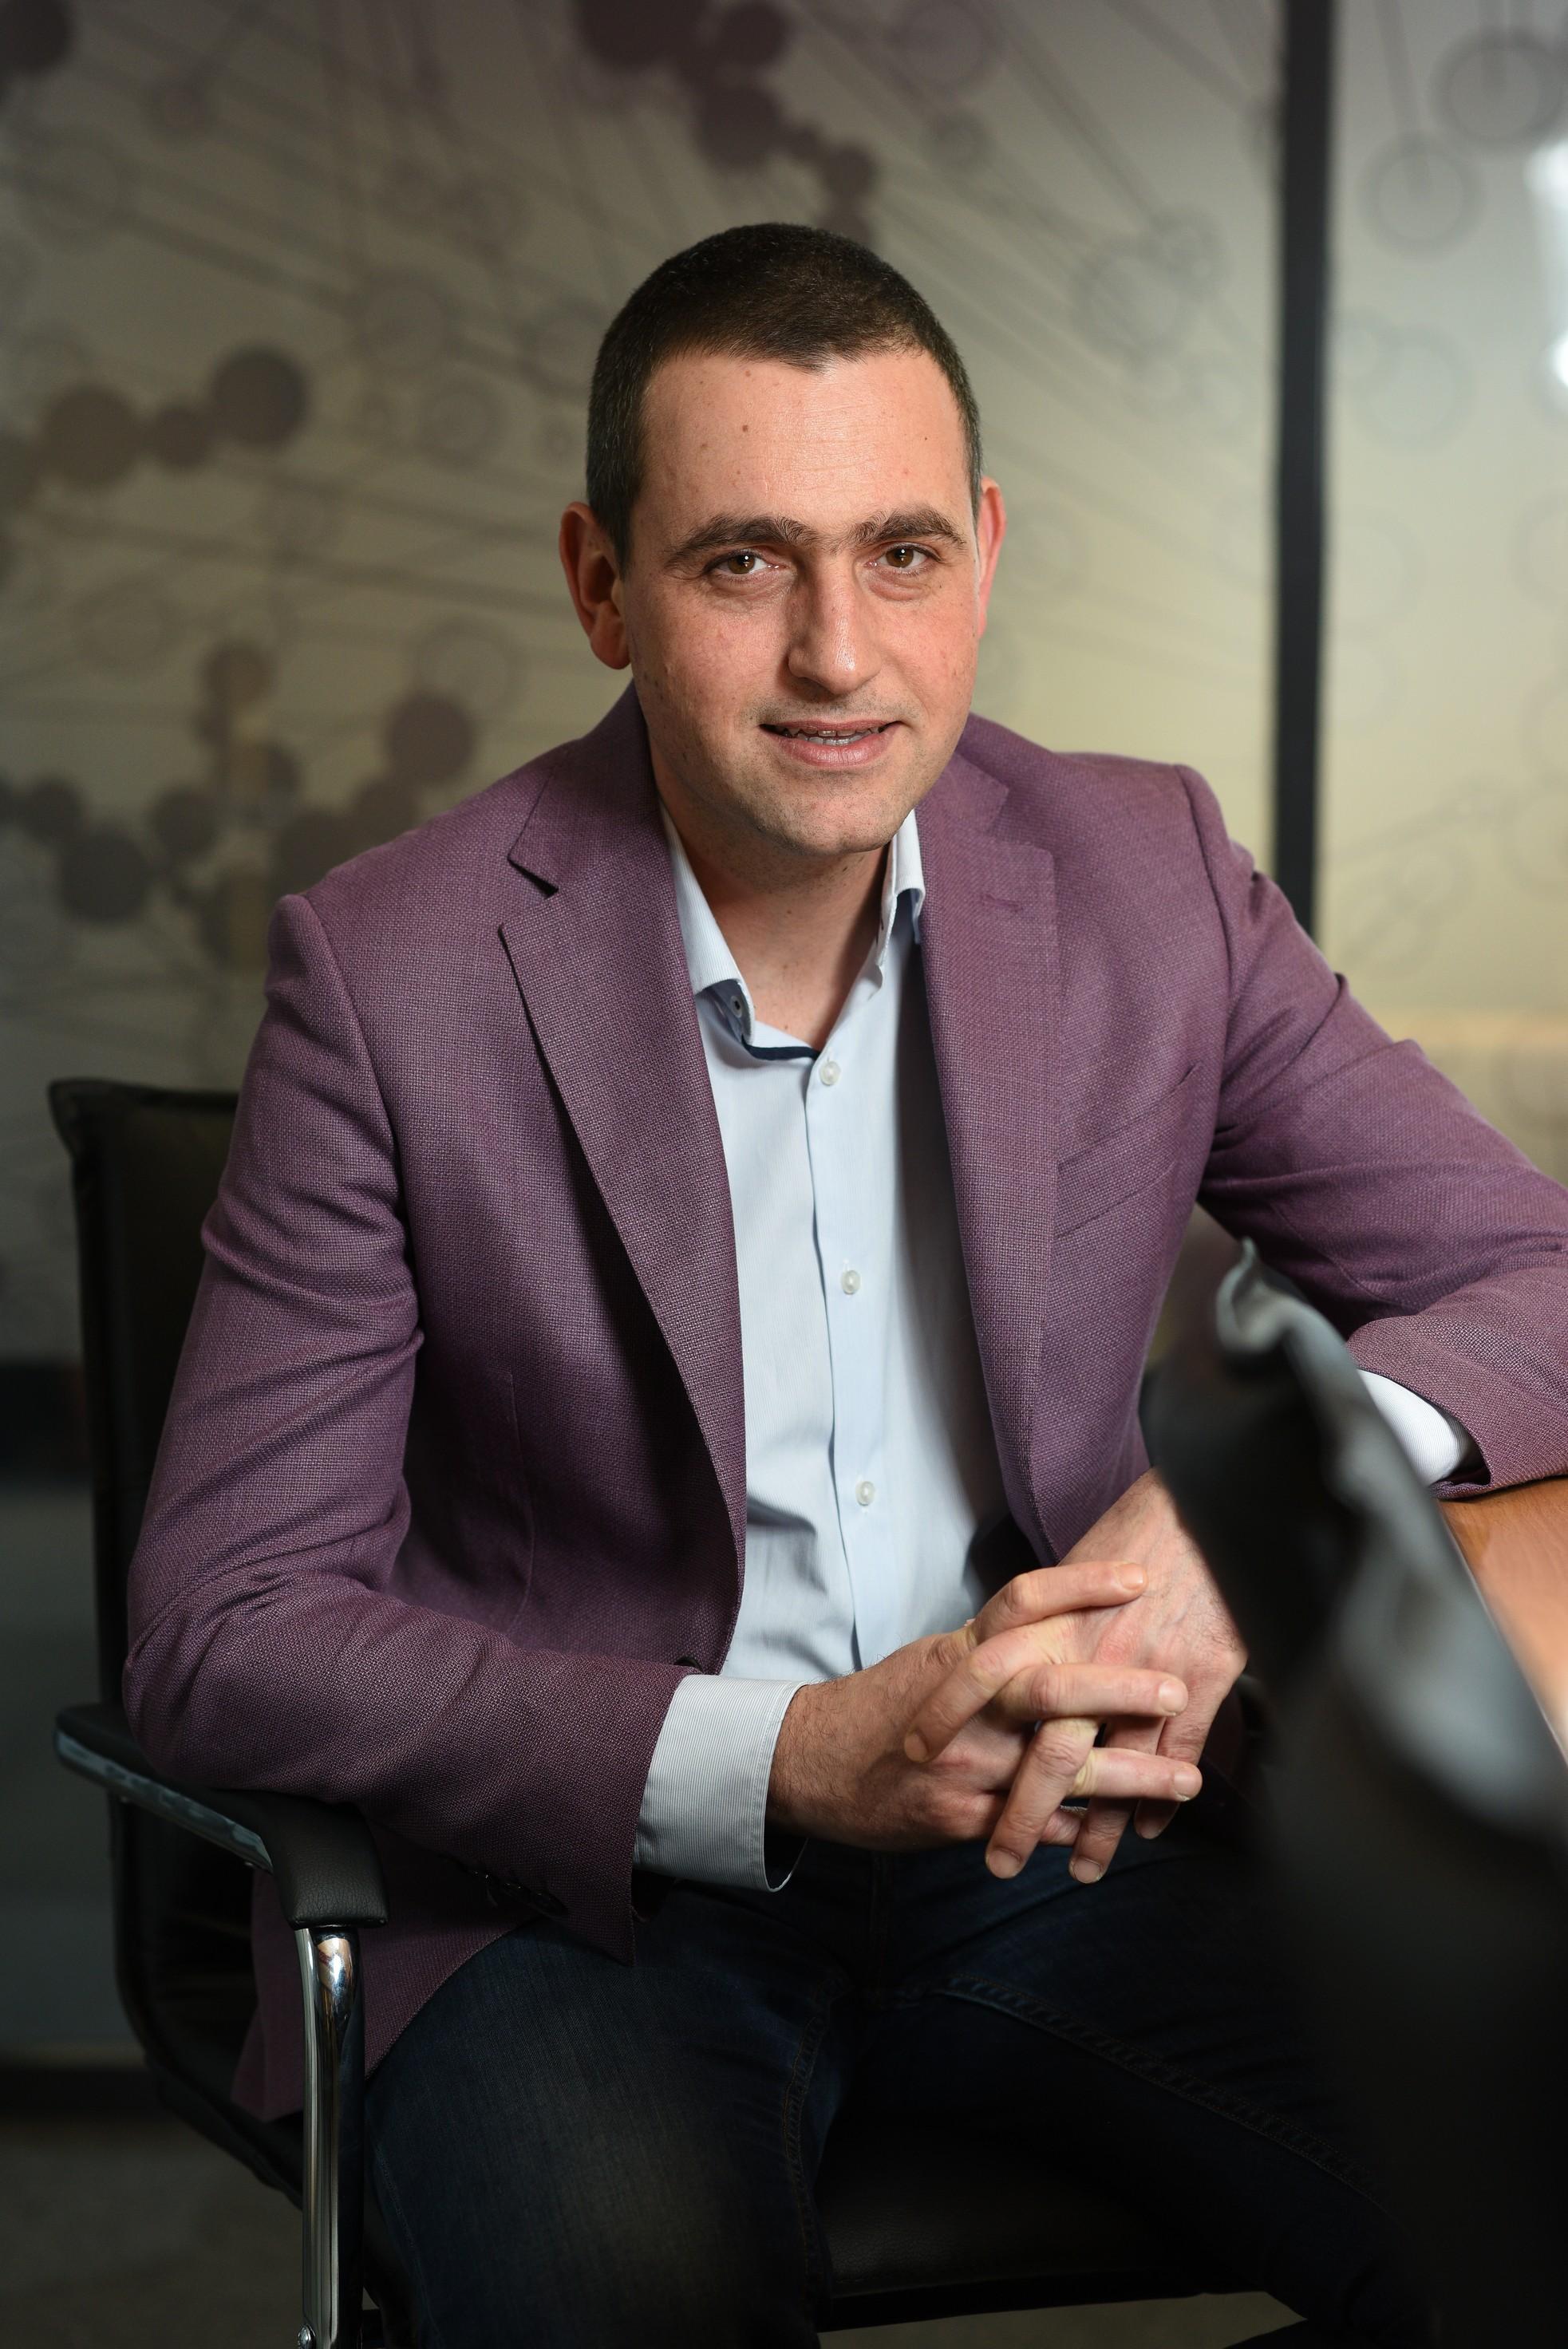 XAPT Solutions a încheiat anul 2016 cu servicii în creştere